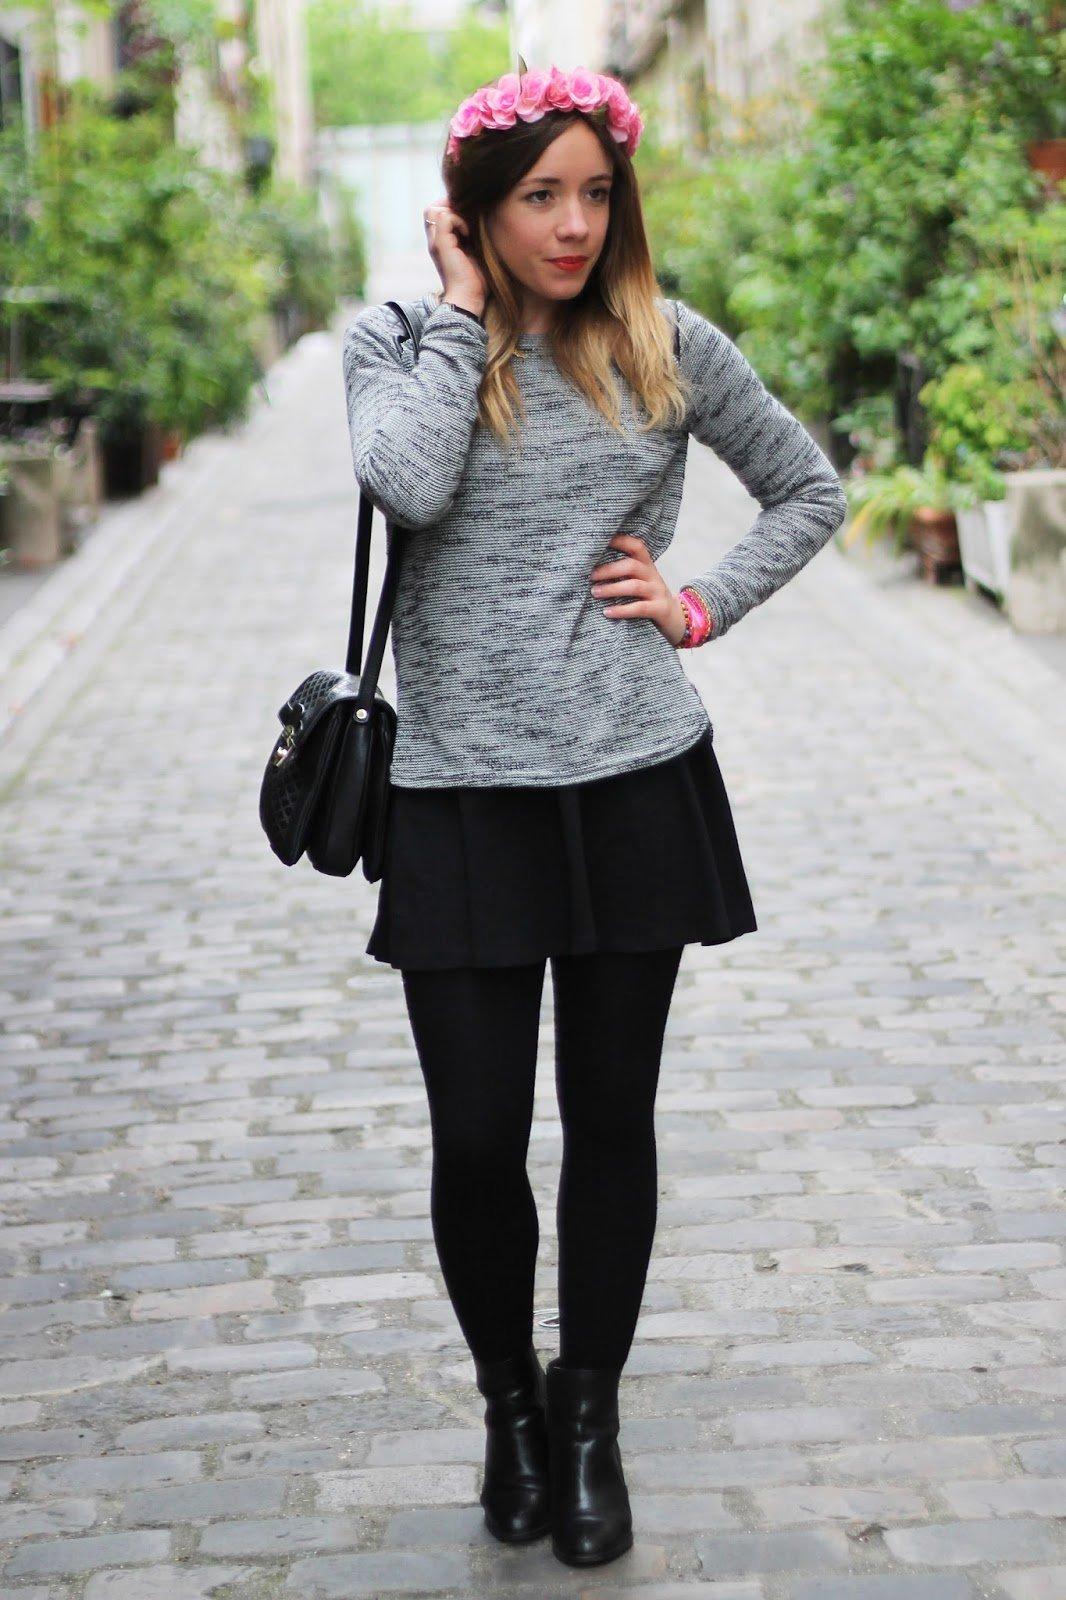 Pull gris jupe patineuse couronne de fleurs